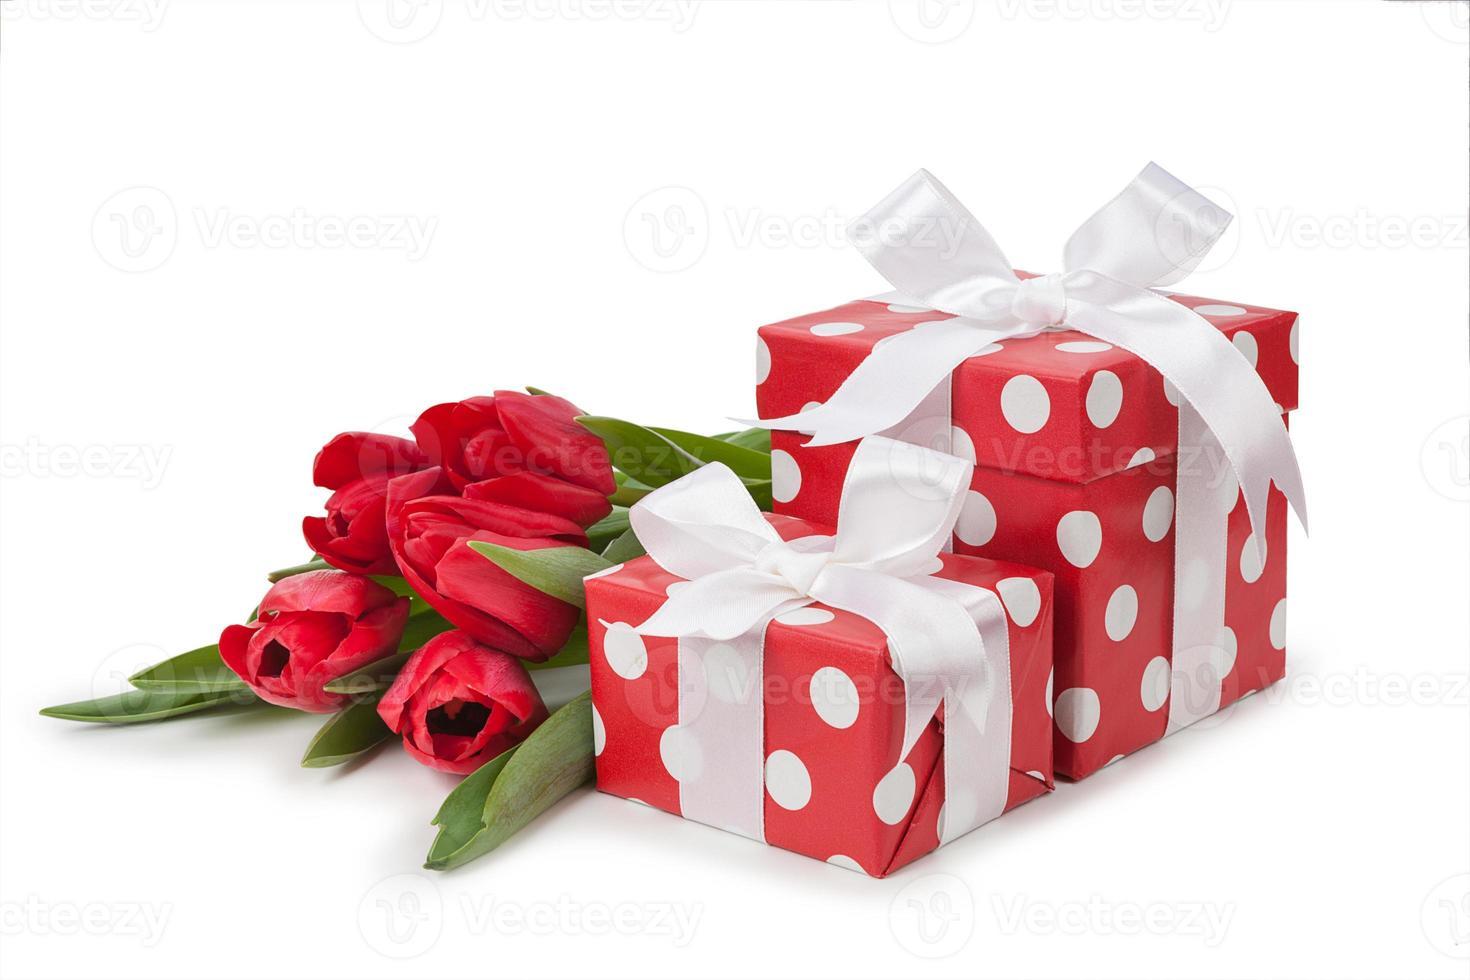 caixas vermelhas com fitas brancas e um buquê de tulipas foto